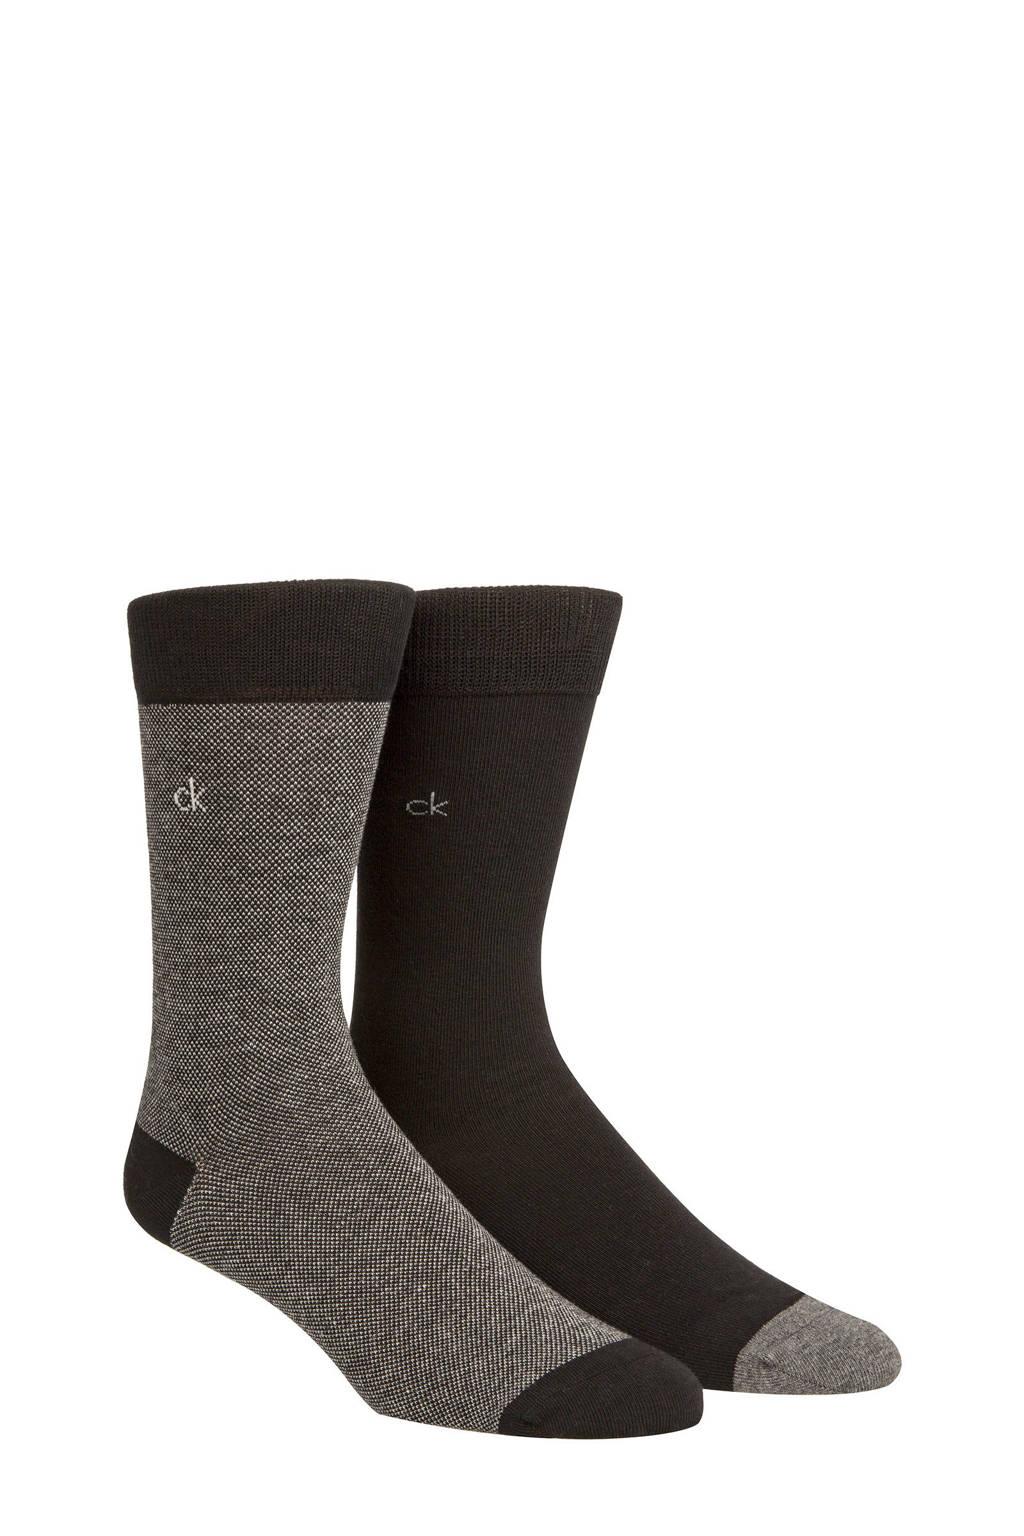 CALVIN KLEIN sokken zwart (2 paar), Zwart/grijs